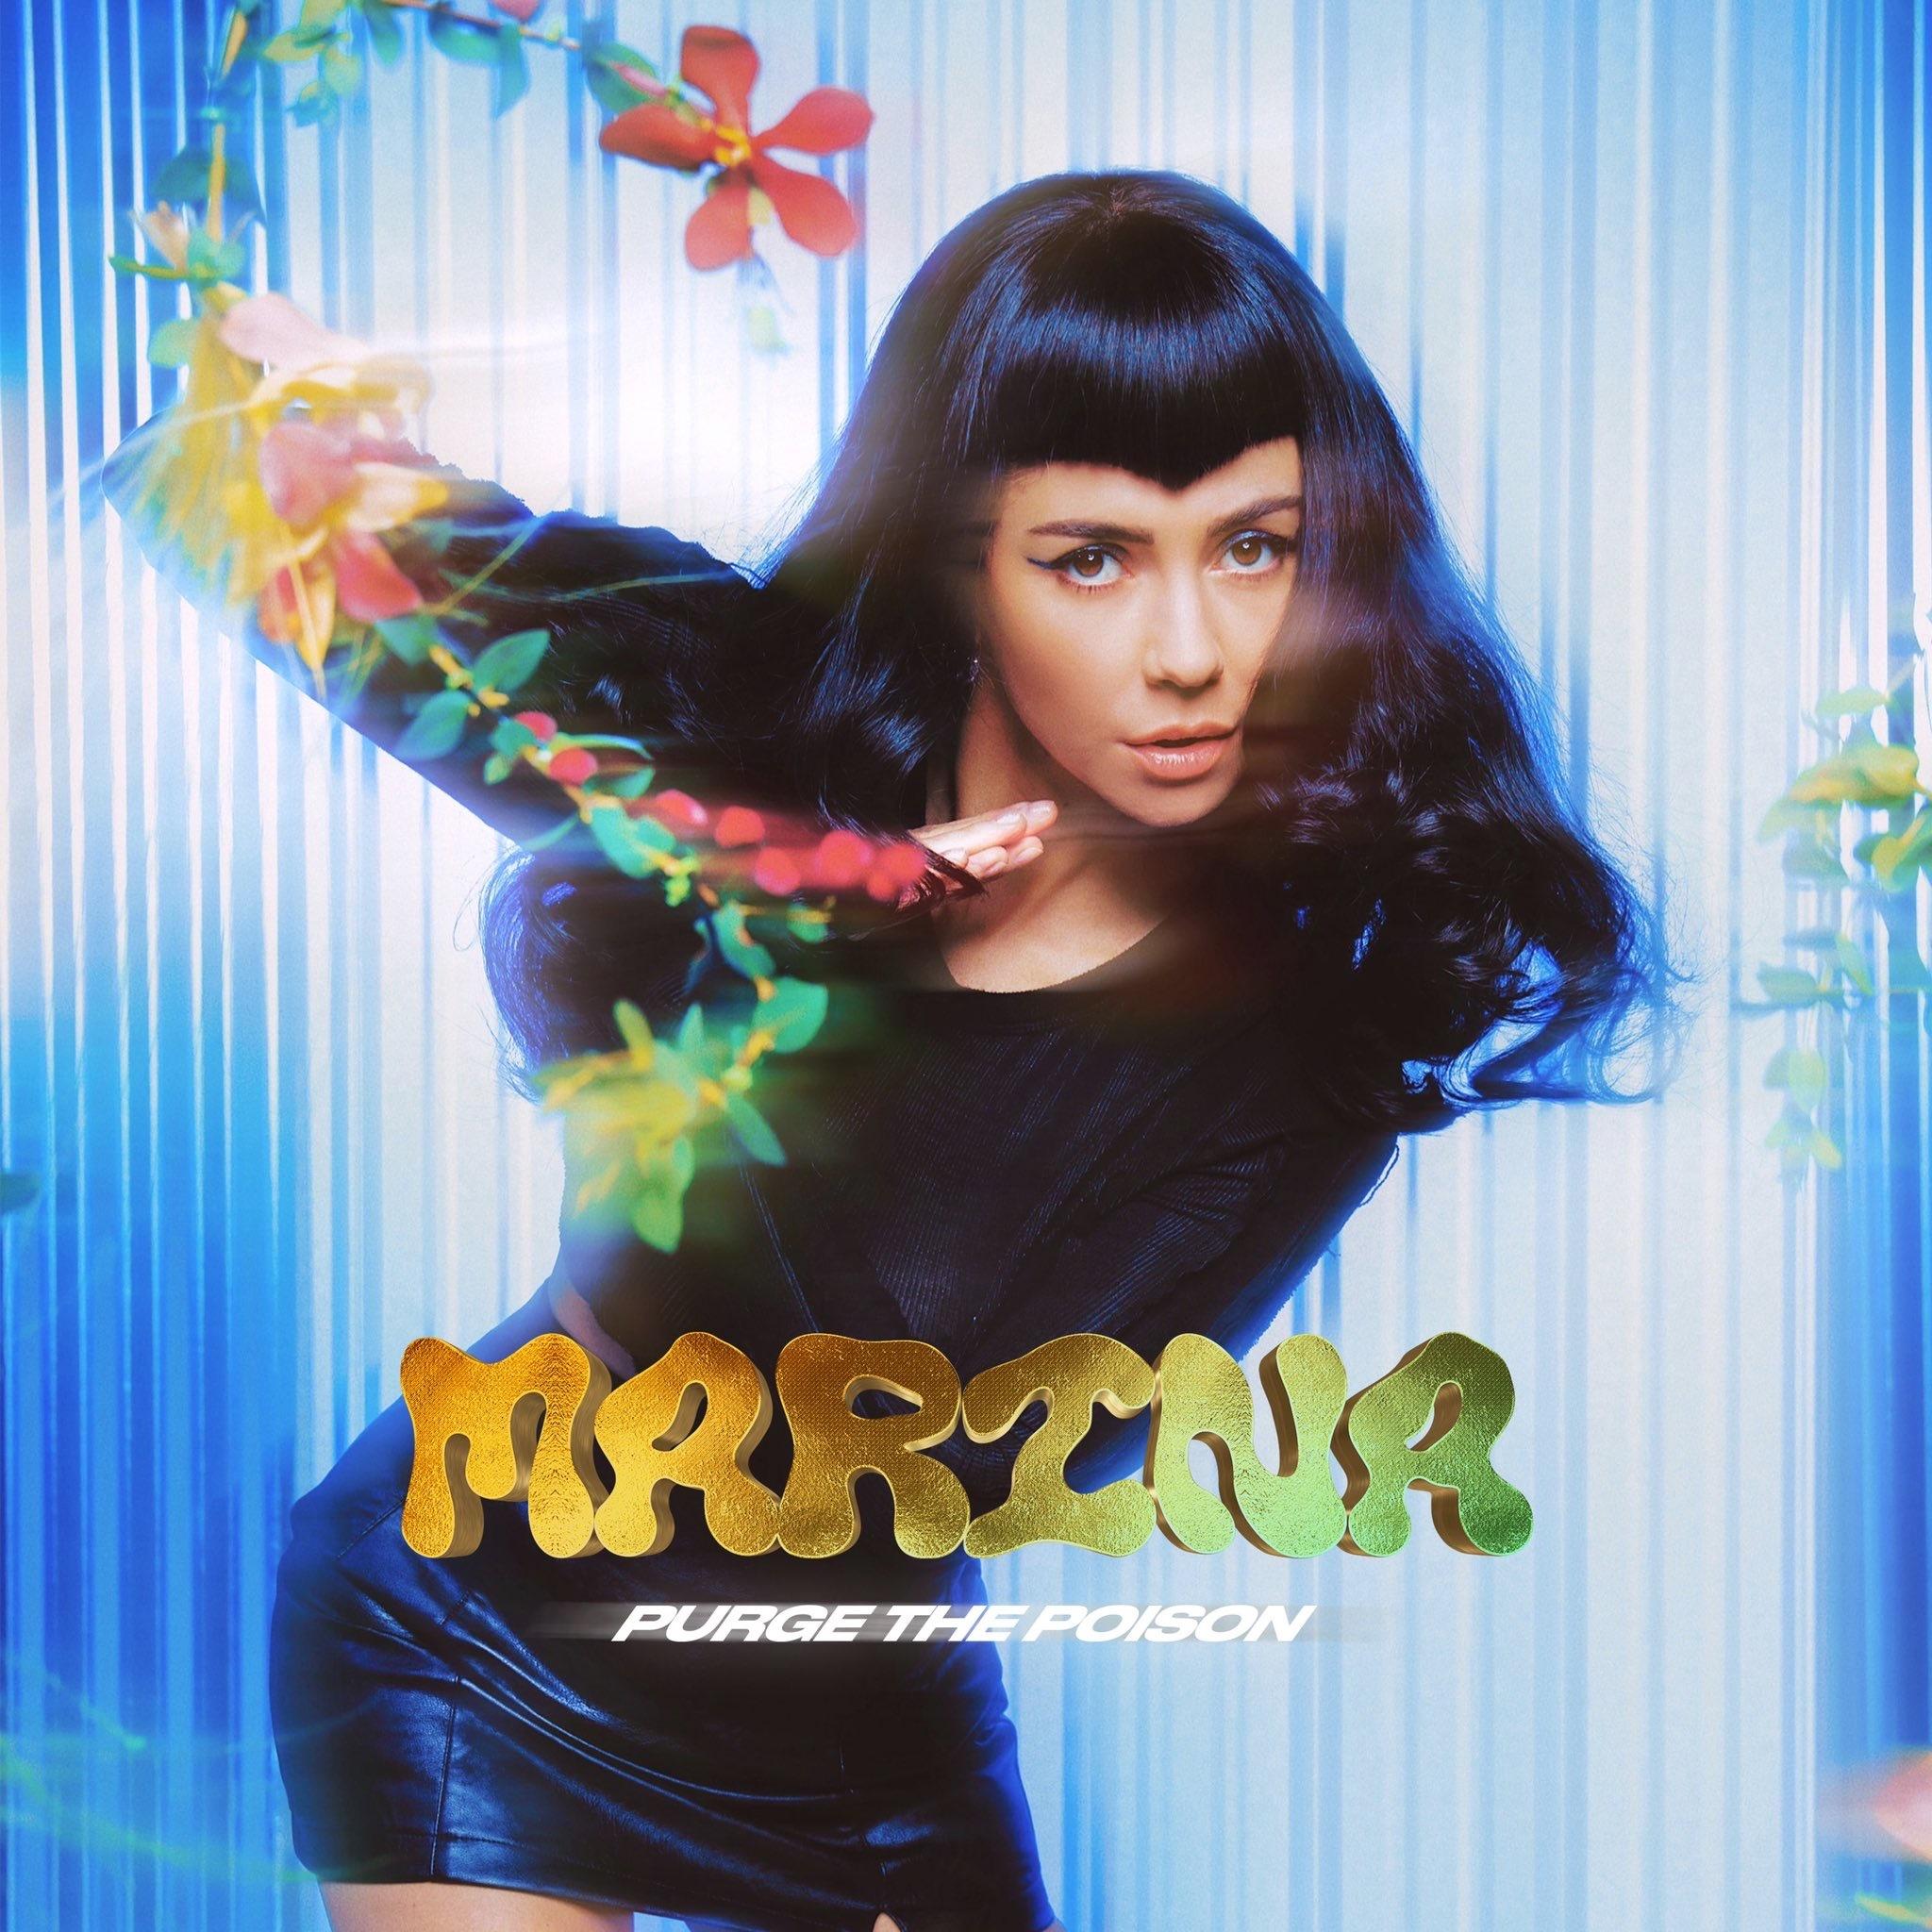 Capa do single Purge The Poison, de Marina. A cantora está ao centro, de roupa preta, usando um cabelo corte franjinha em V. Em volta dela, podemos ver flores coloridas. Ao fundo, há uma cortina azul clara iluminada. Foi adicionado em primeiro plano o nome da cantora e o título da canção.